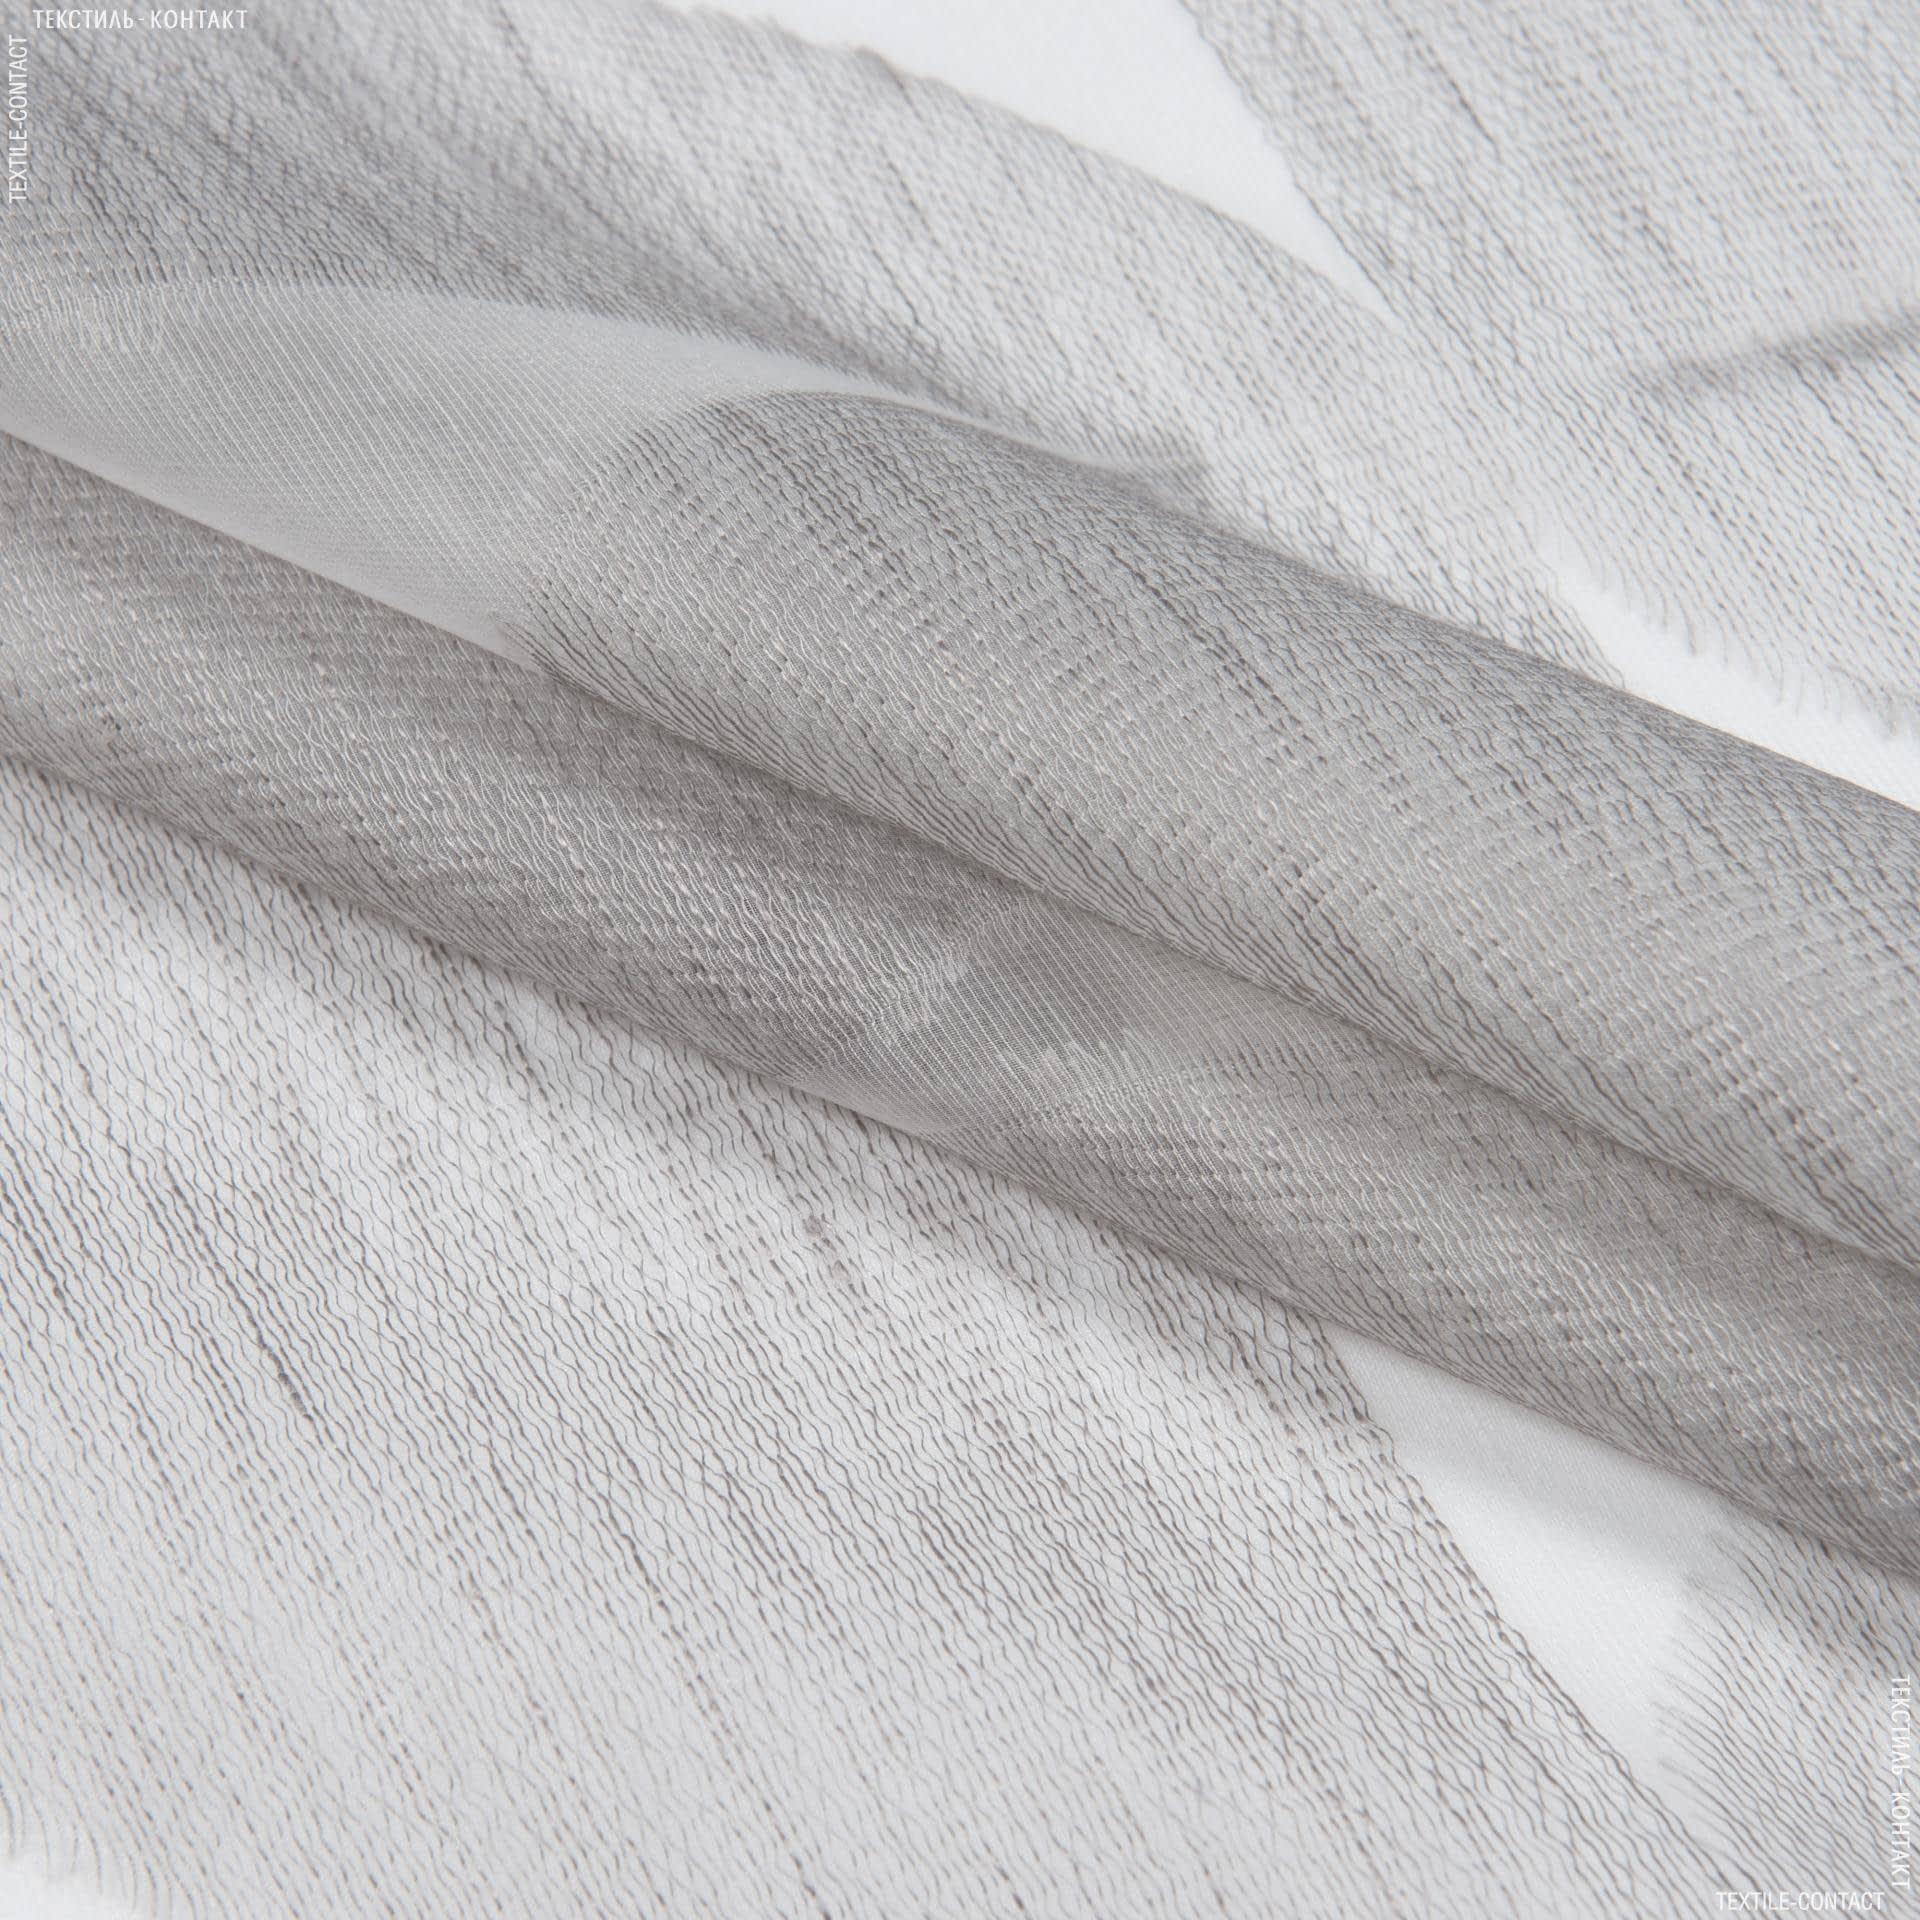 Тканини гардинні тканини - Тюль з обважнювачем мерідіана сіро-бежевий